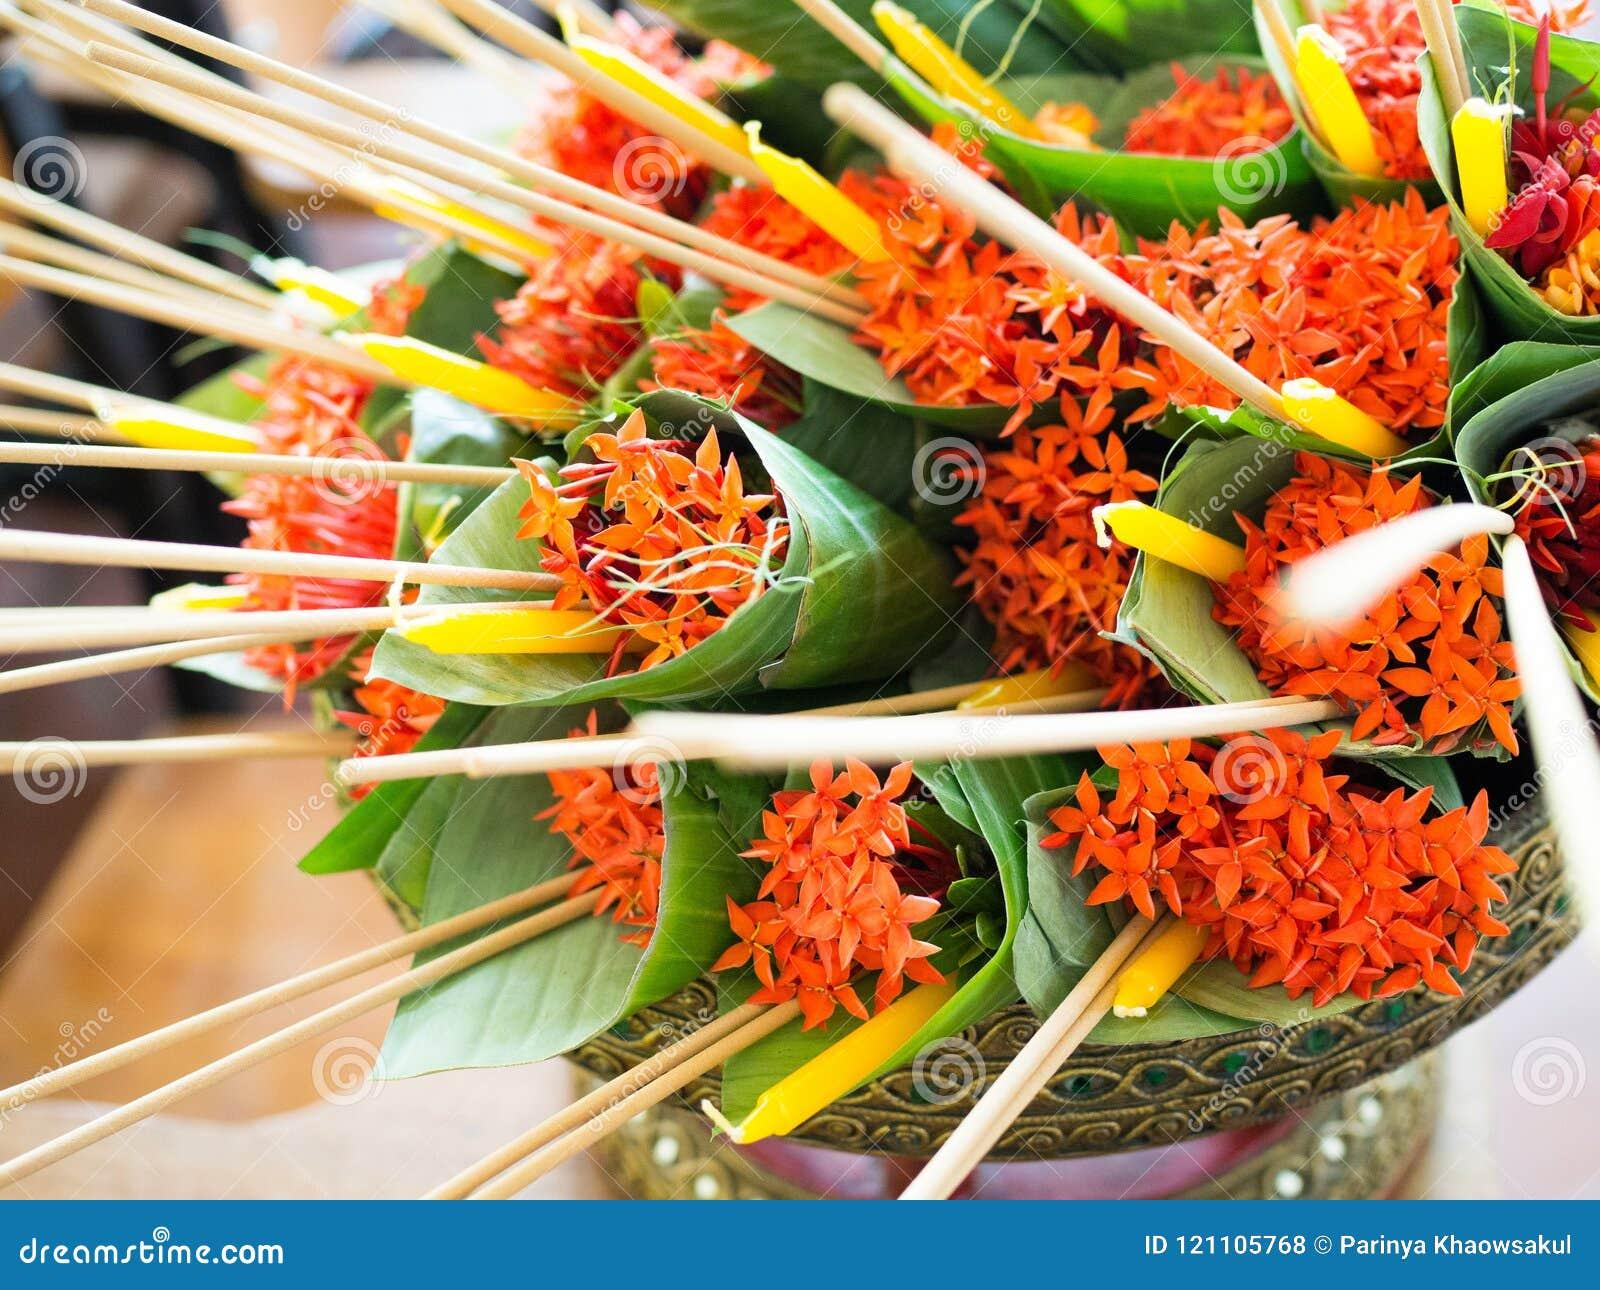 Jasmin eller Ixora för västra indier, rökelsepinne och stearinljus i banan-blad kotten som den är förberedd för en nationell dag